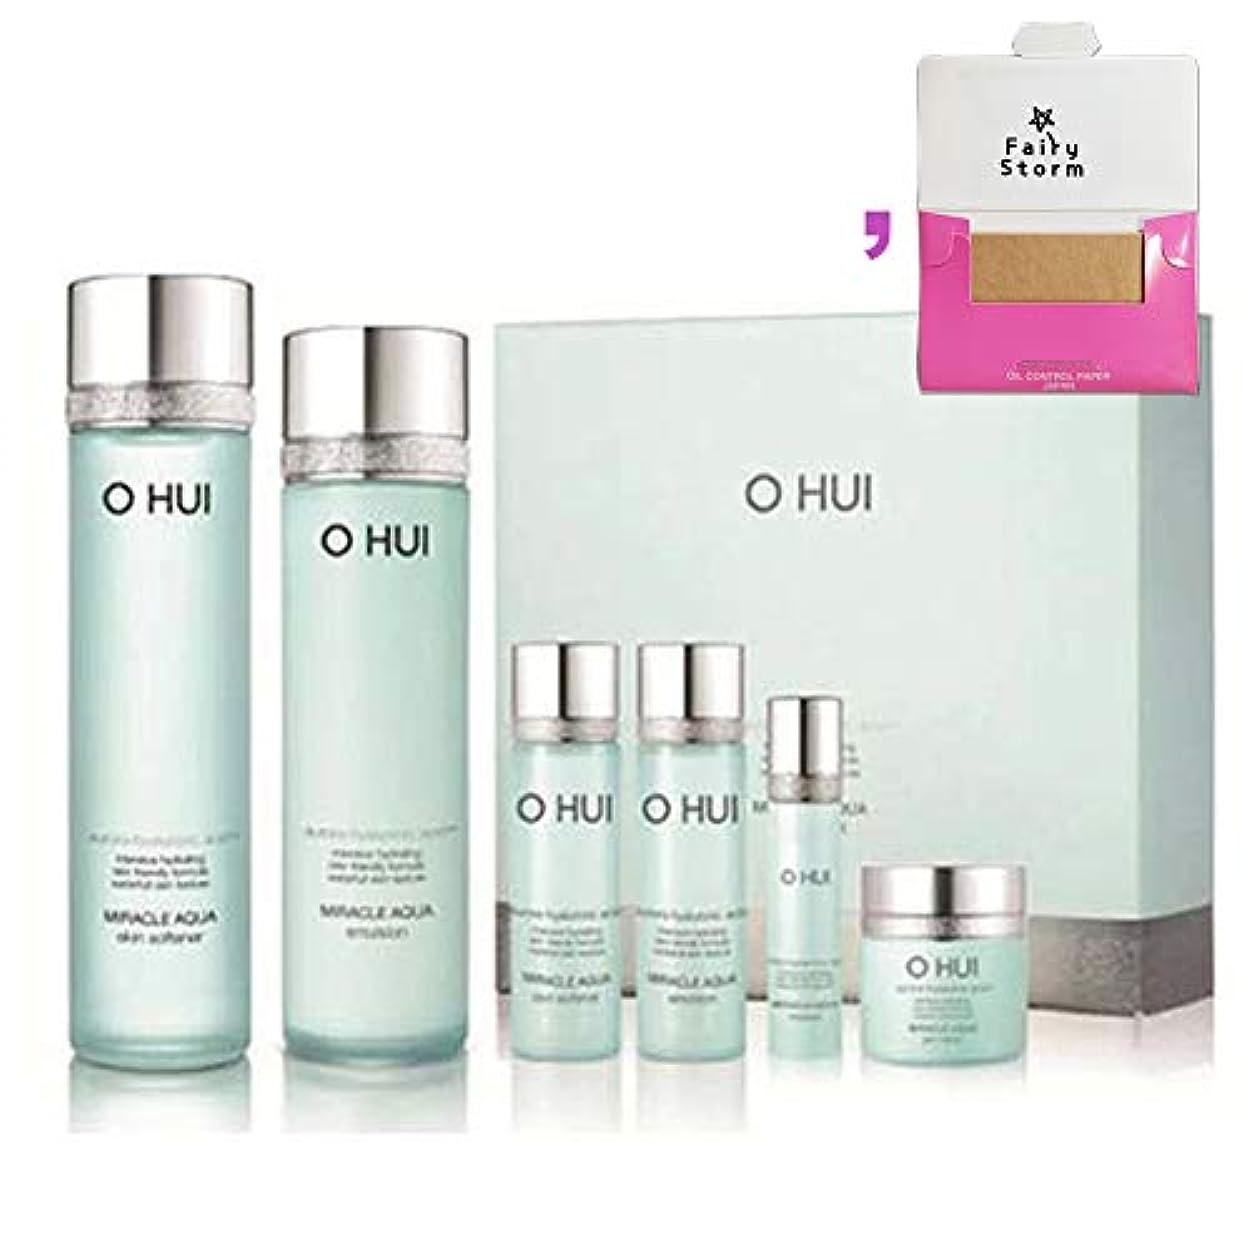 緊急骨髄批判[オフィ/O HUI]韓国化粧品LG生活健康/O HUI MIRACLE AQUA SPECIAL 2EA SET/ミラクルアクア 2種セット+[Sample Gift](海外直送品)